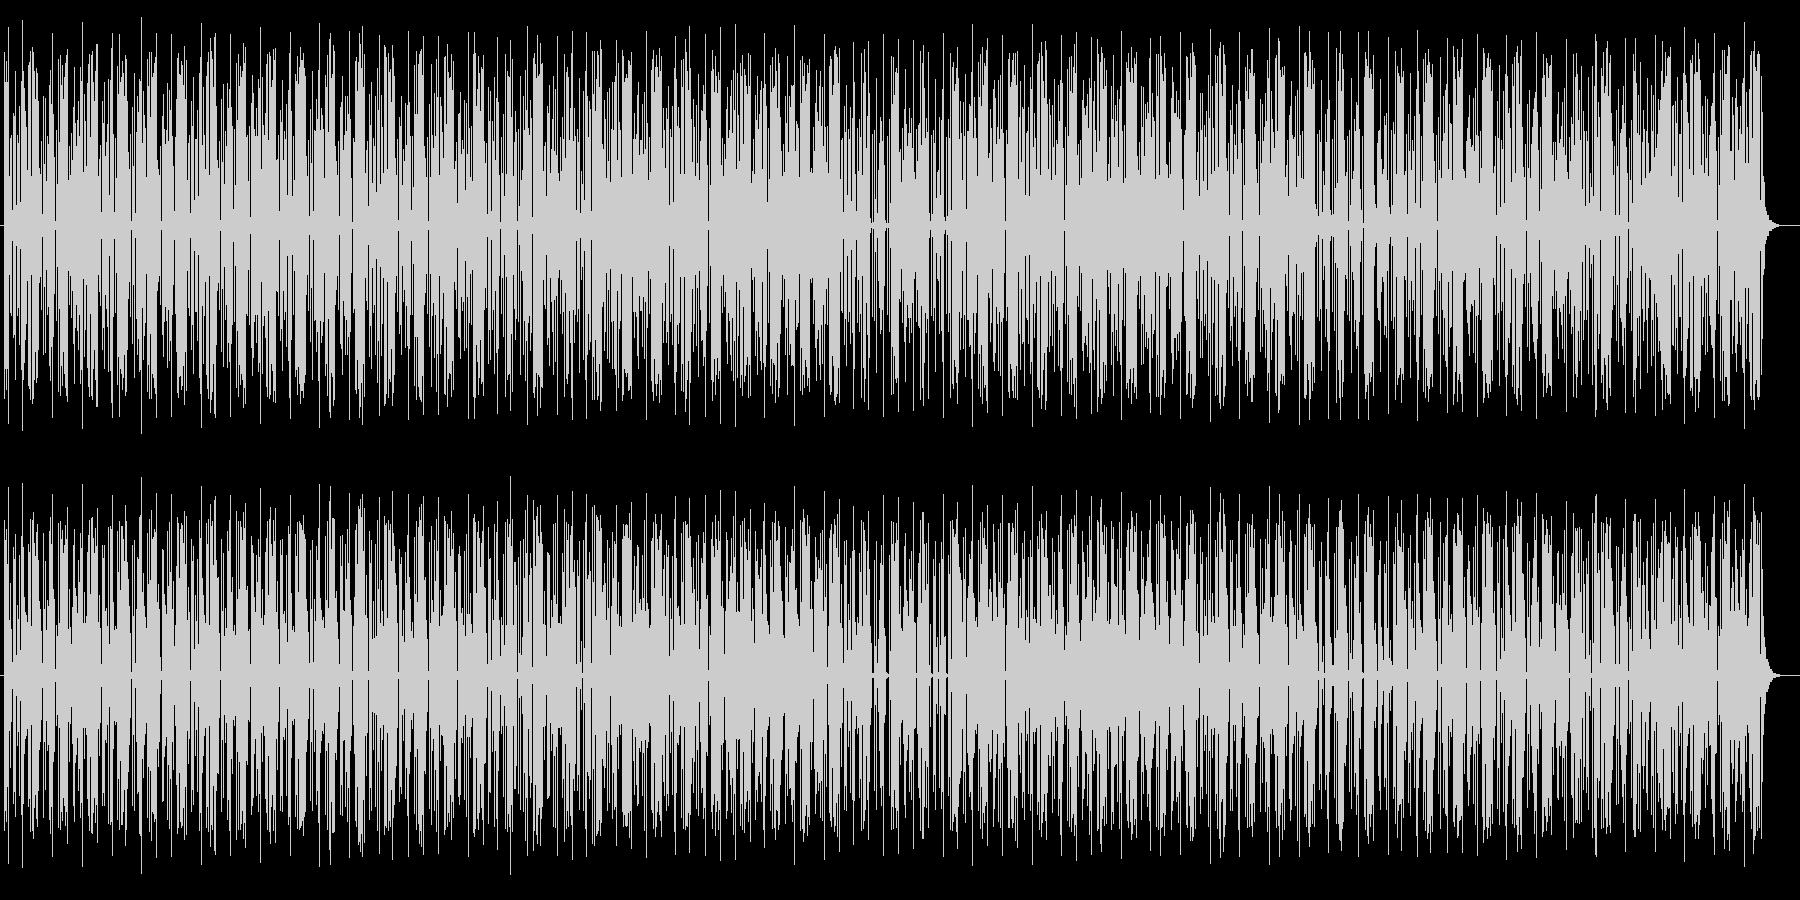 リズムよく軽快なミュージックの未再生の波形